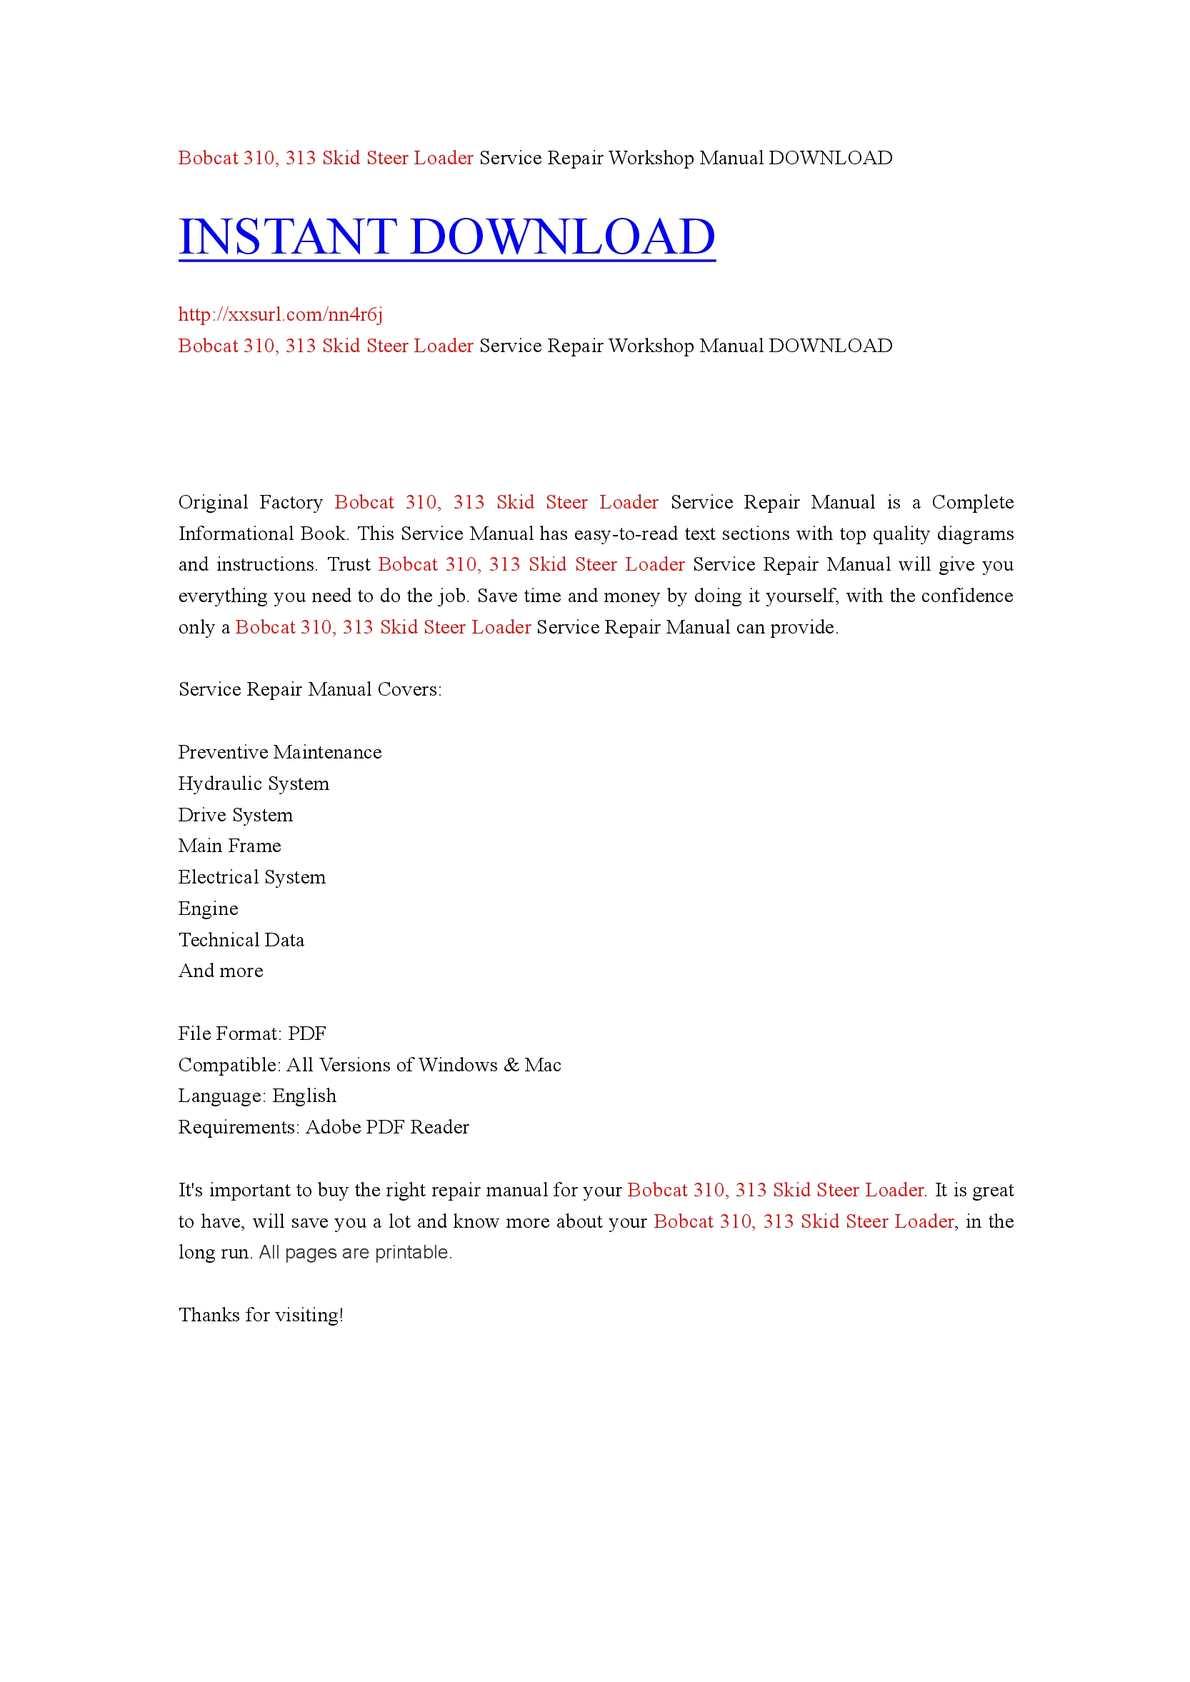 bobcat repair manuals 313 ebook